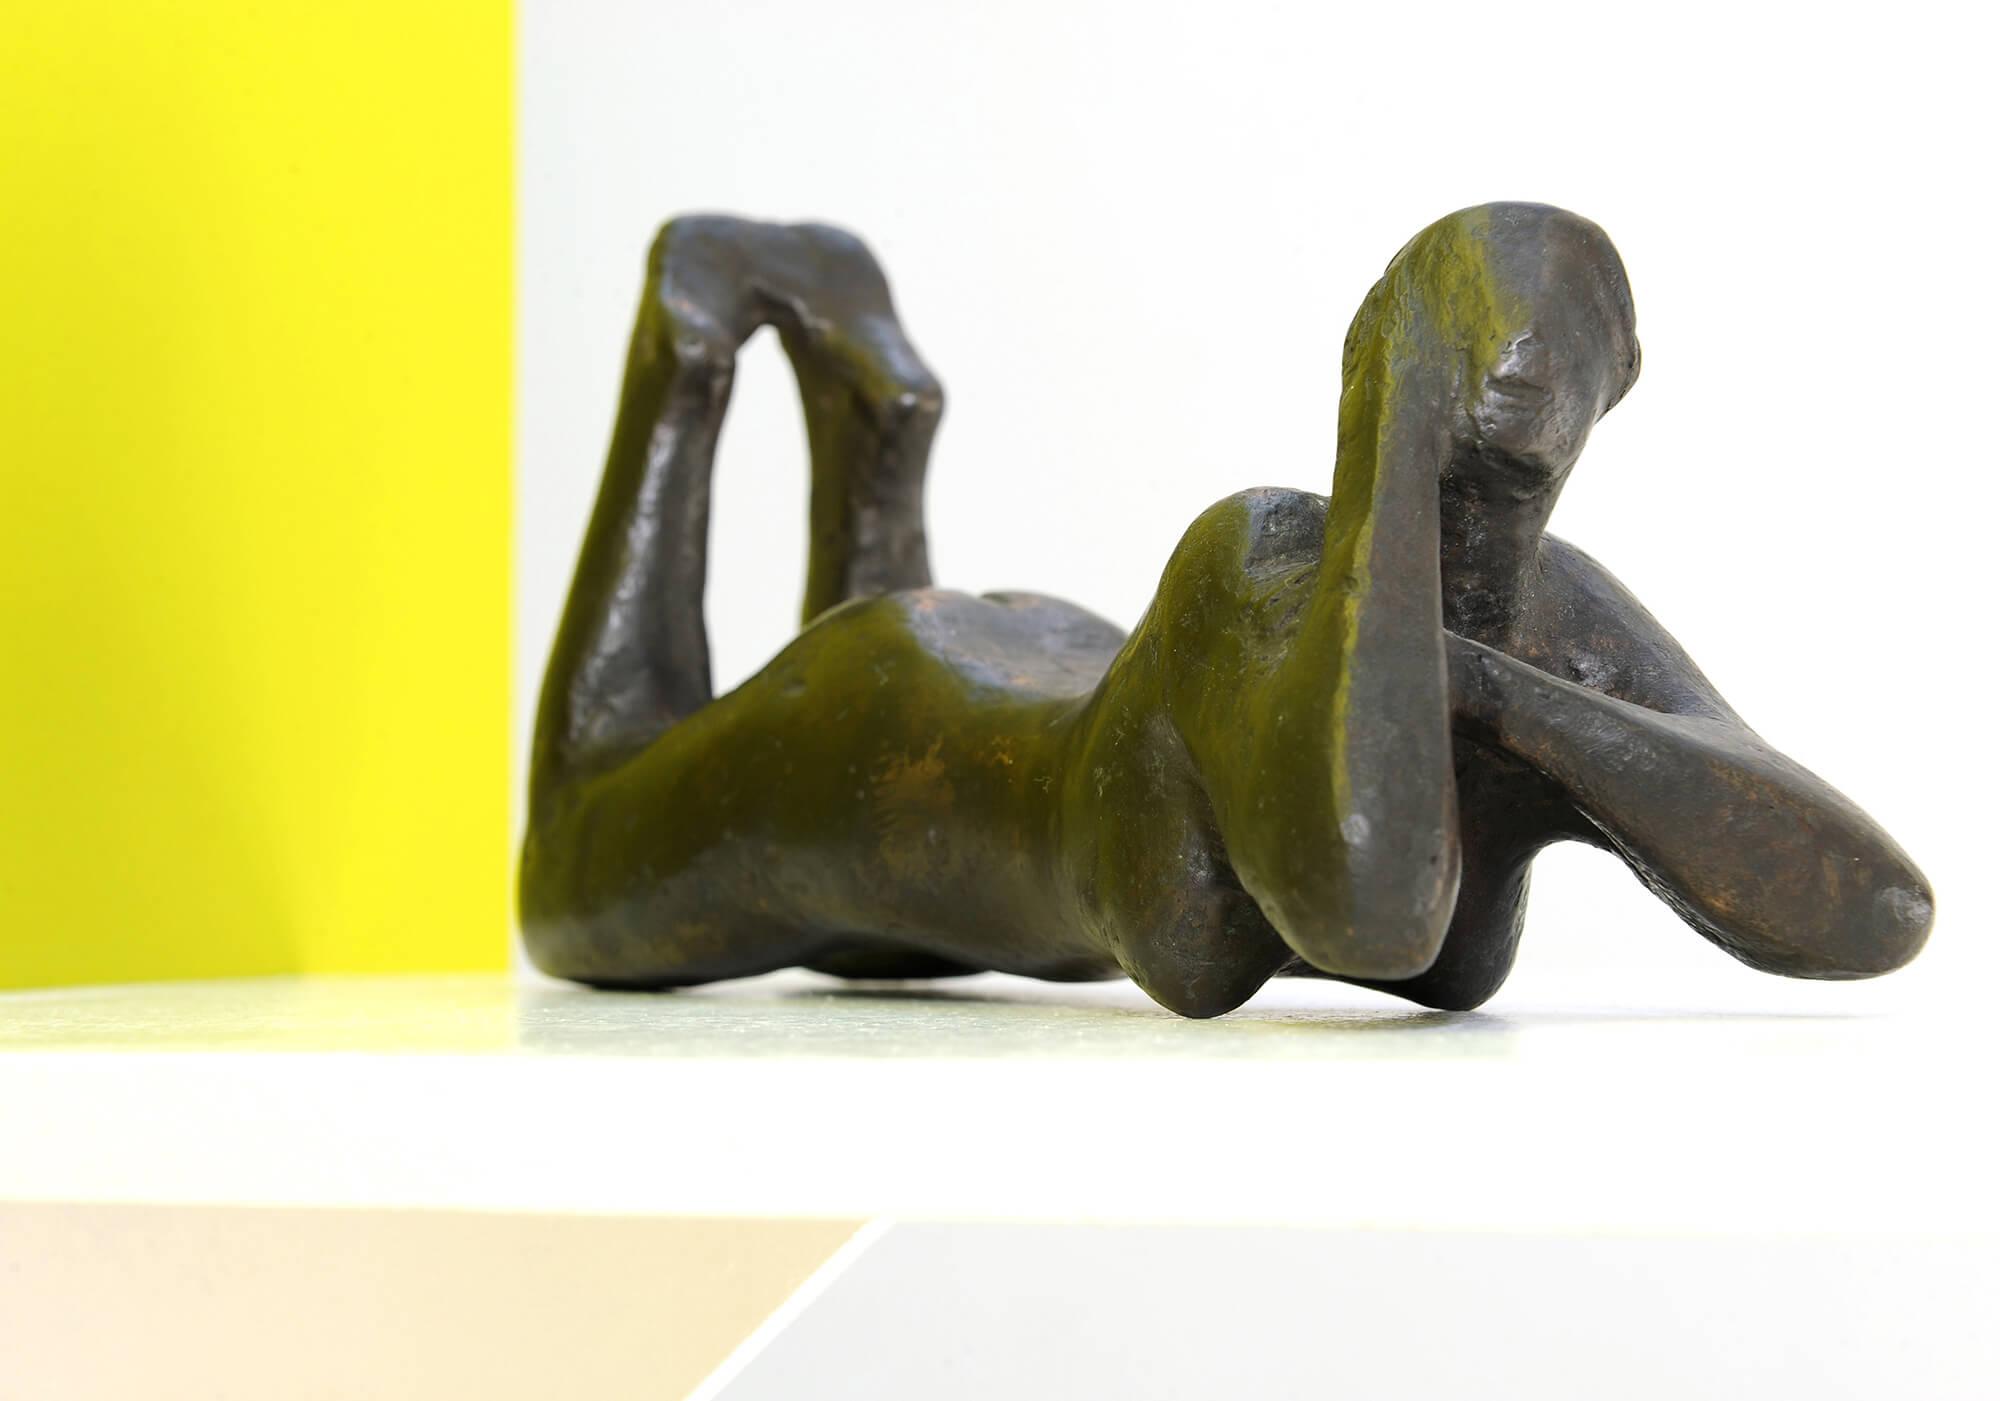 Gerhart Schreiter, Liegende, 1953, Bronzefigur